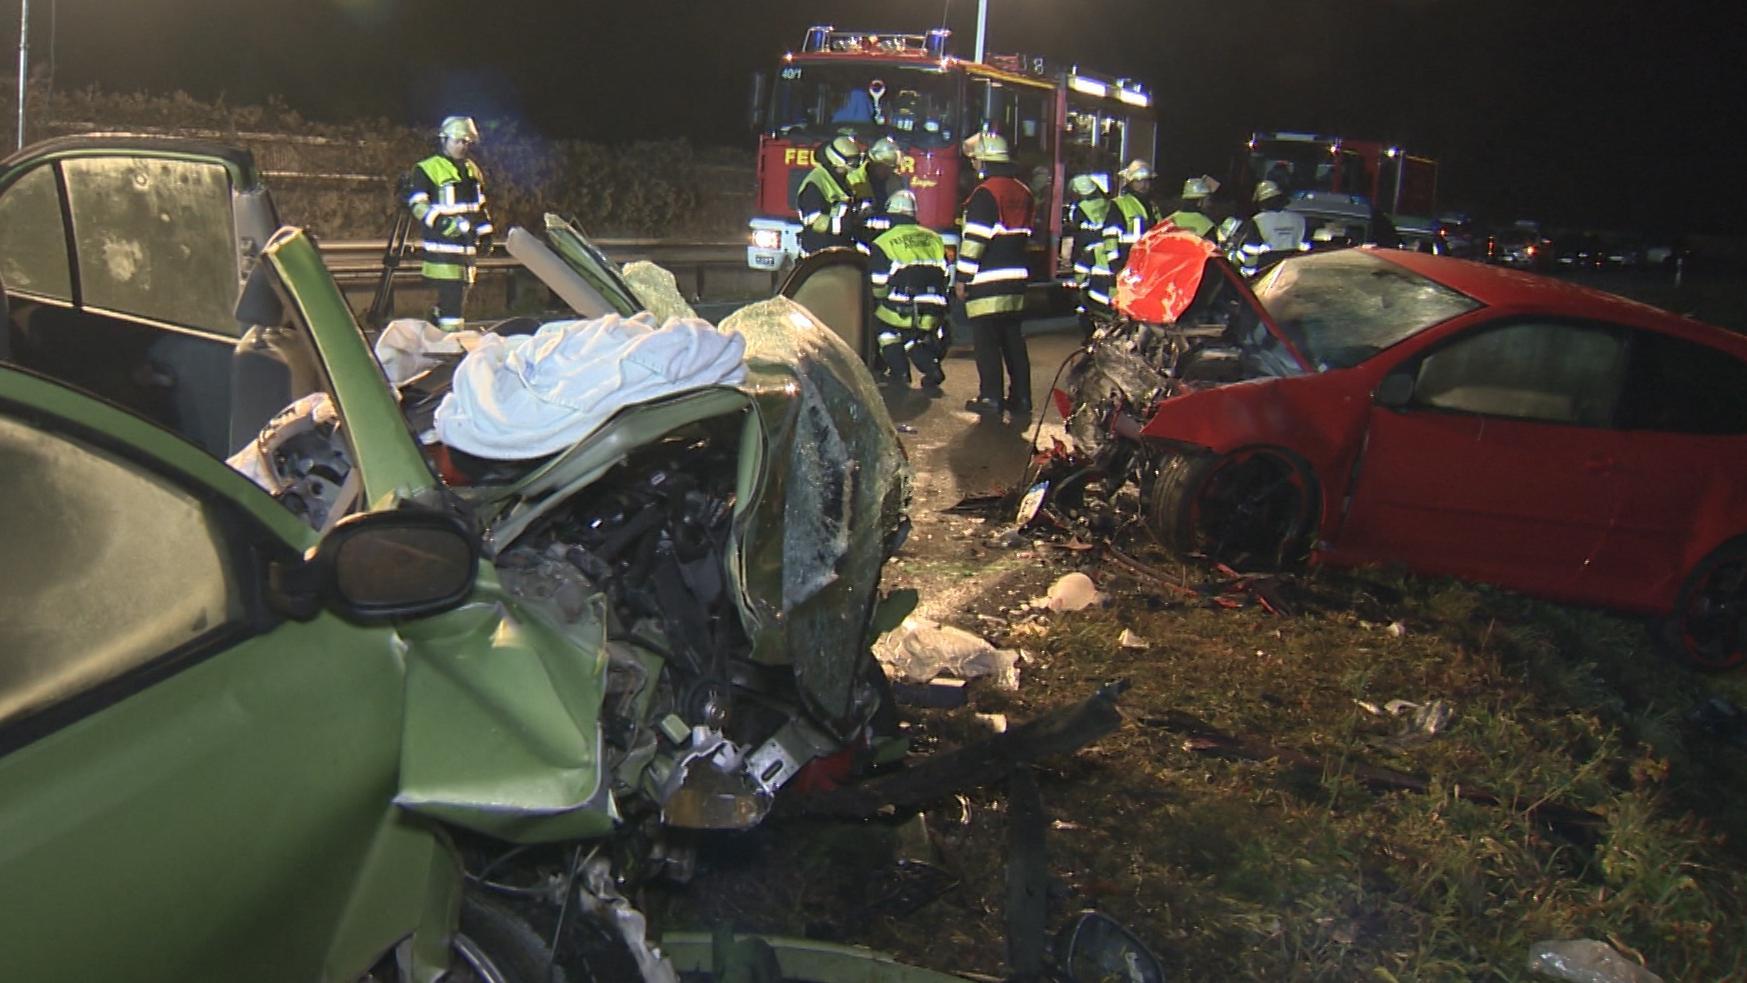 Bild vom Unfall